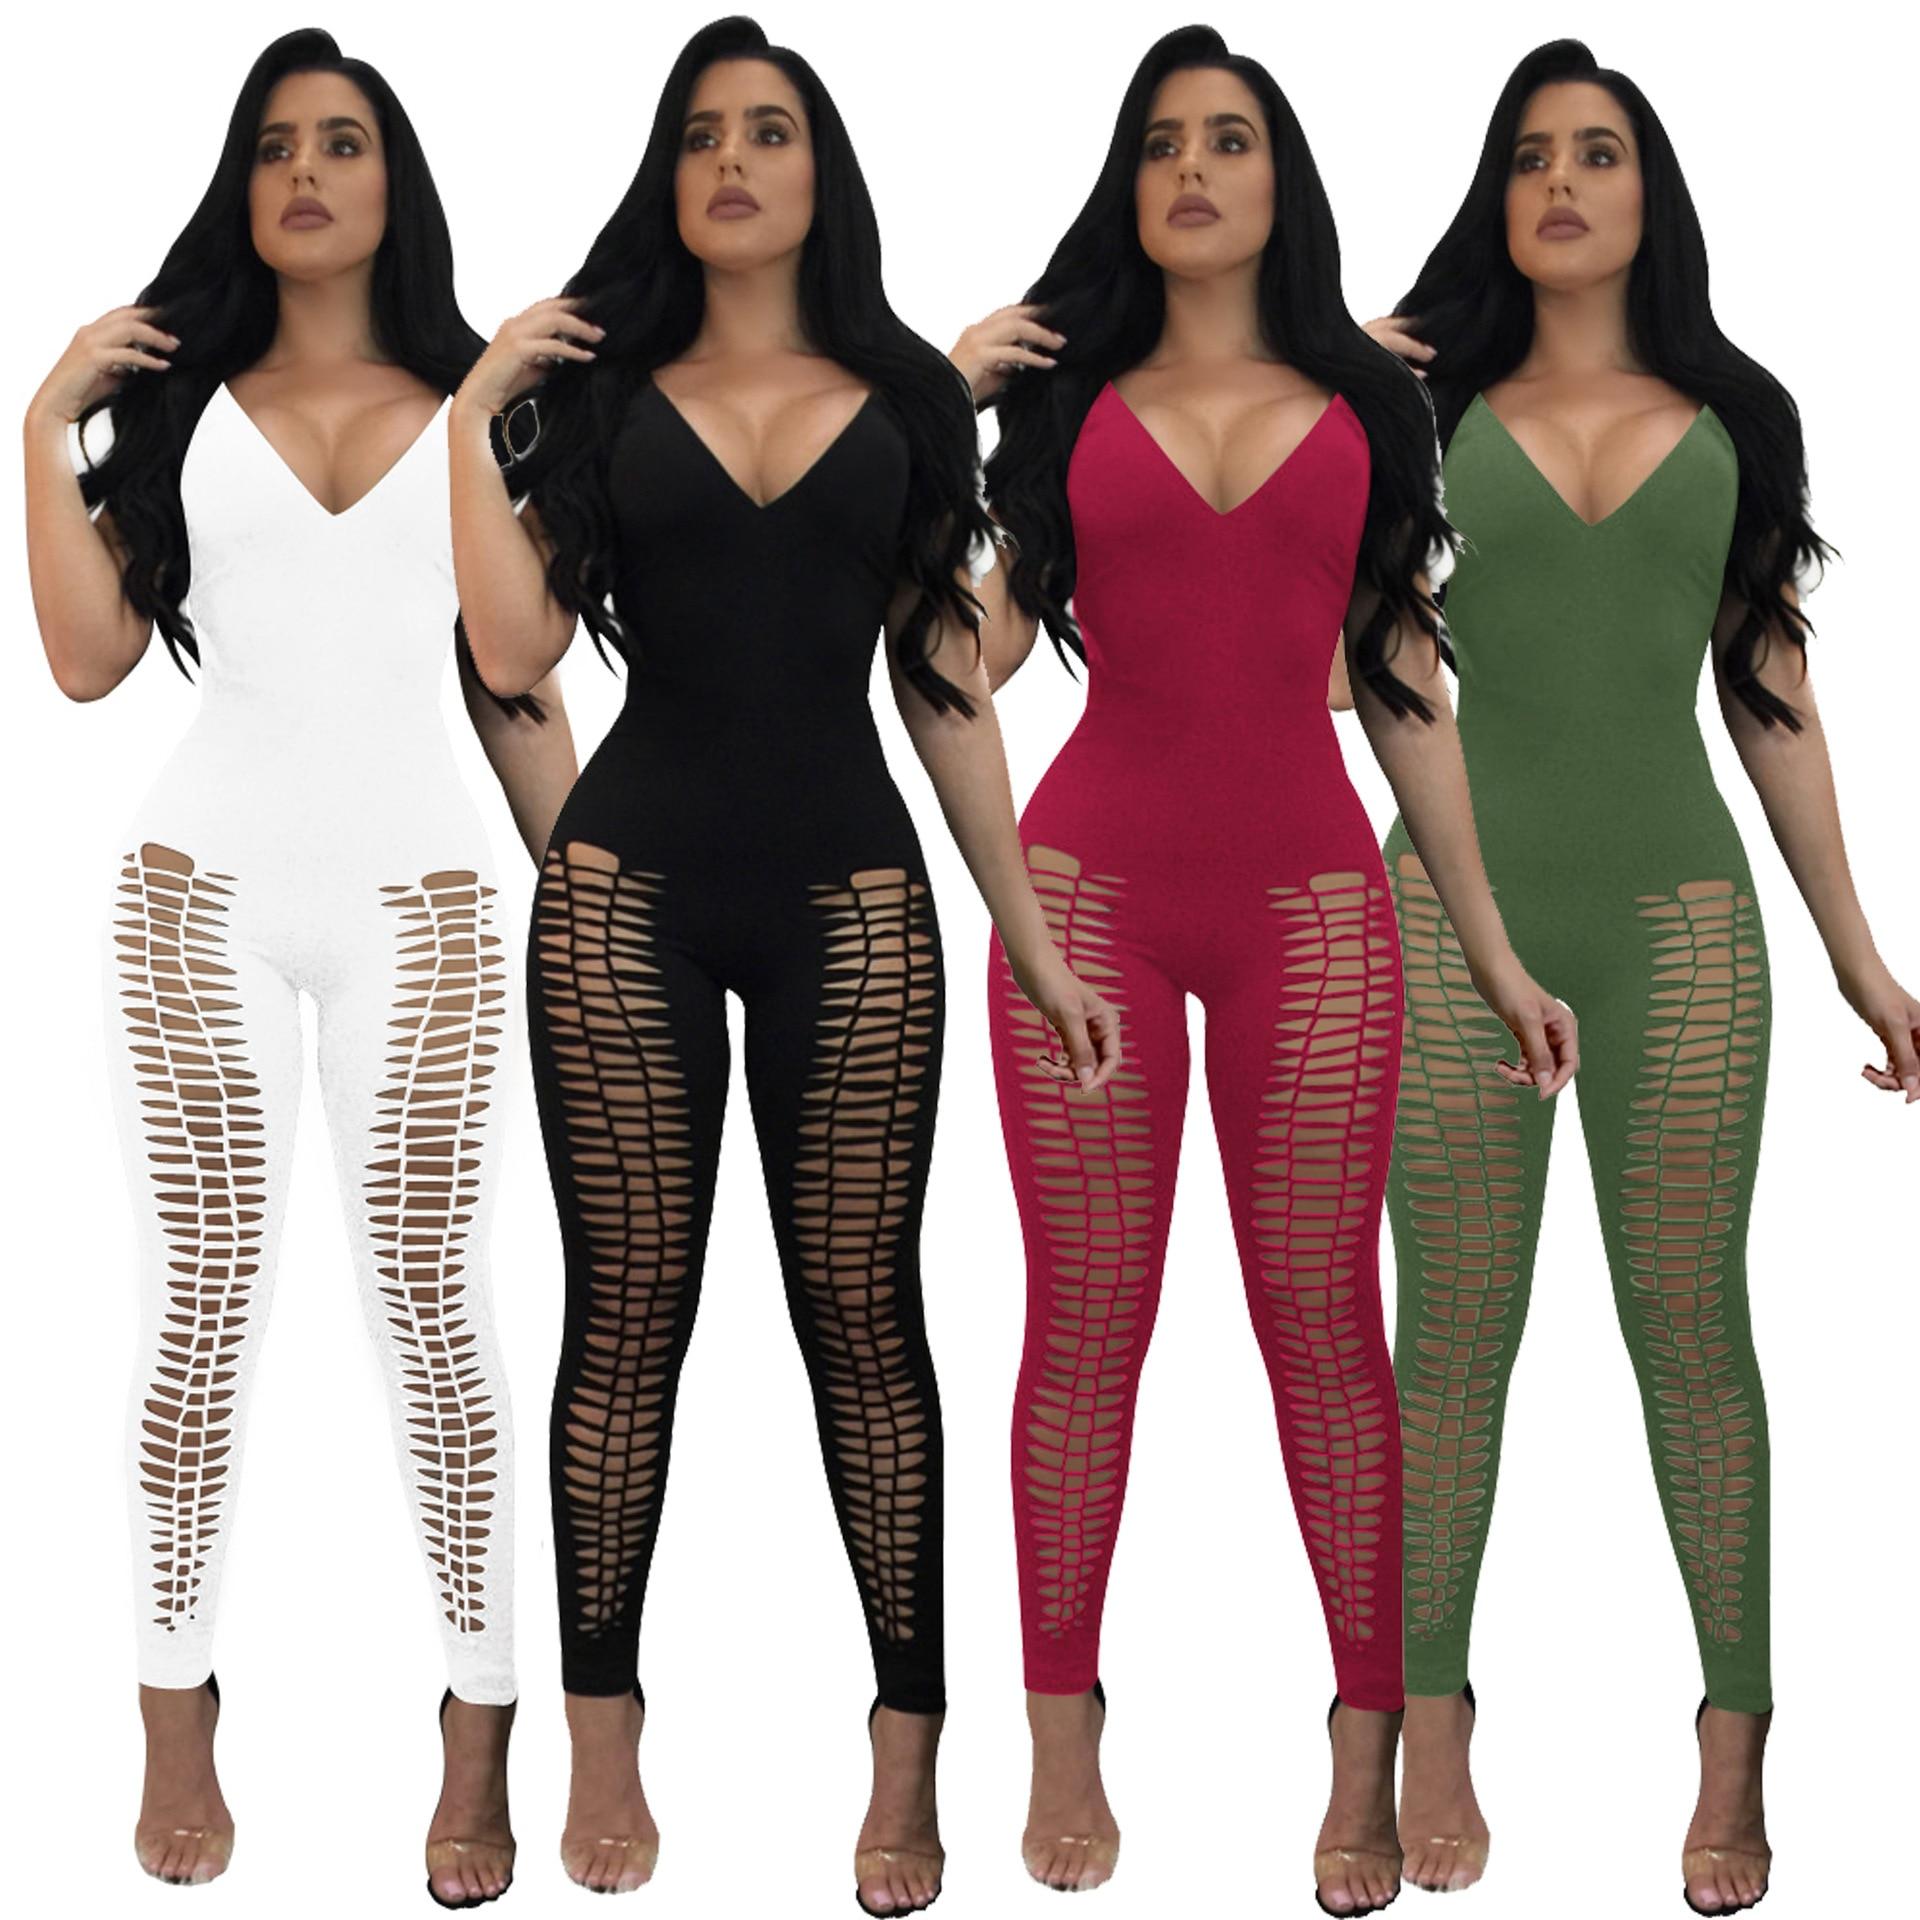 2018 fashion style women plus size long jumpsuit